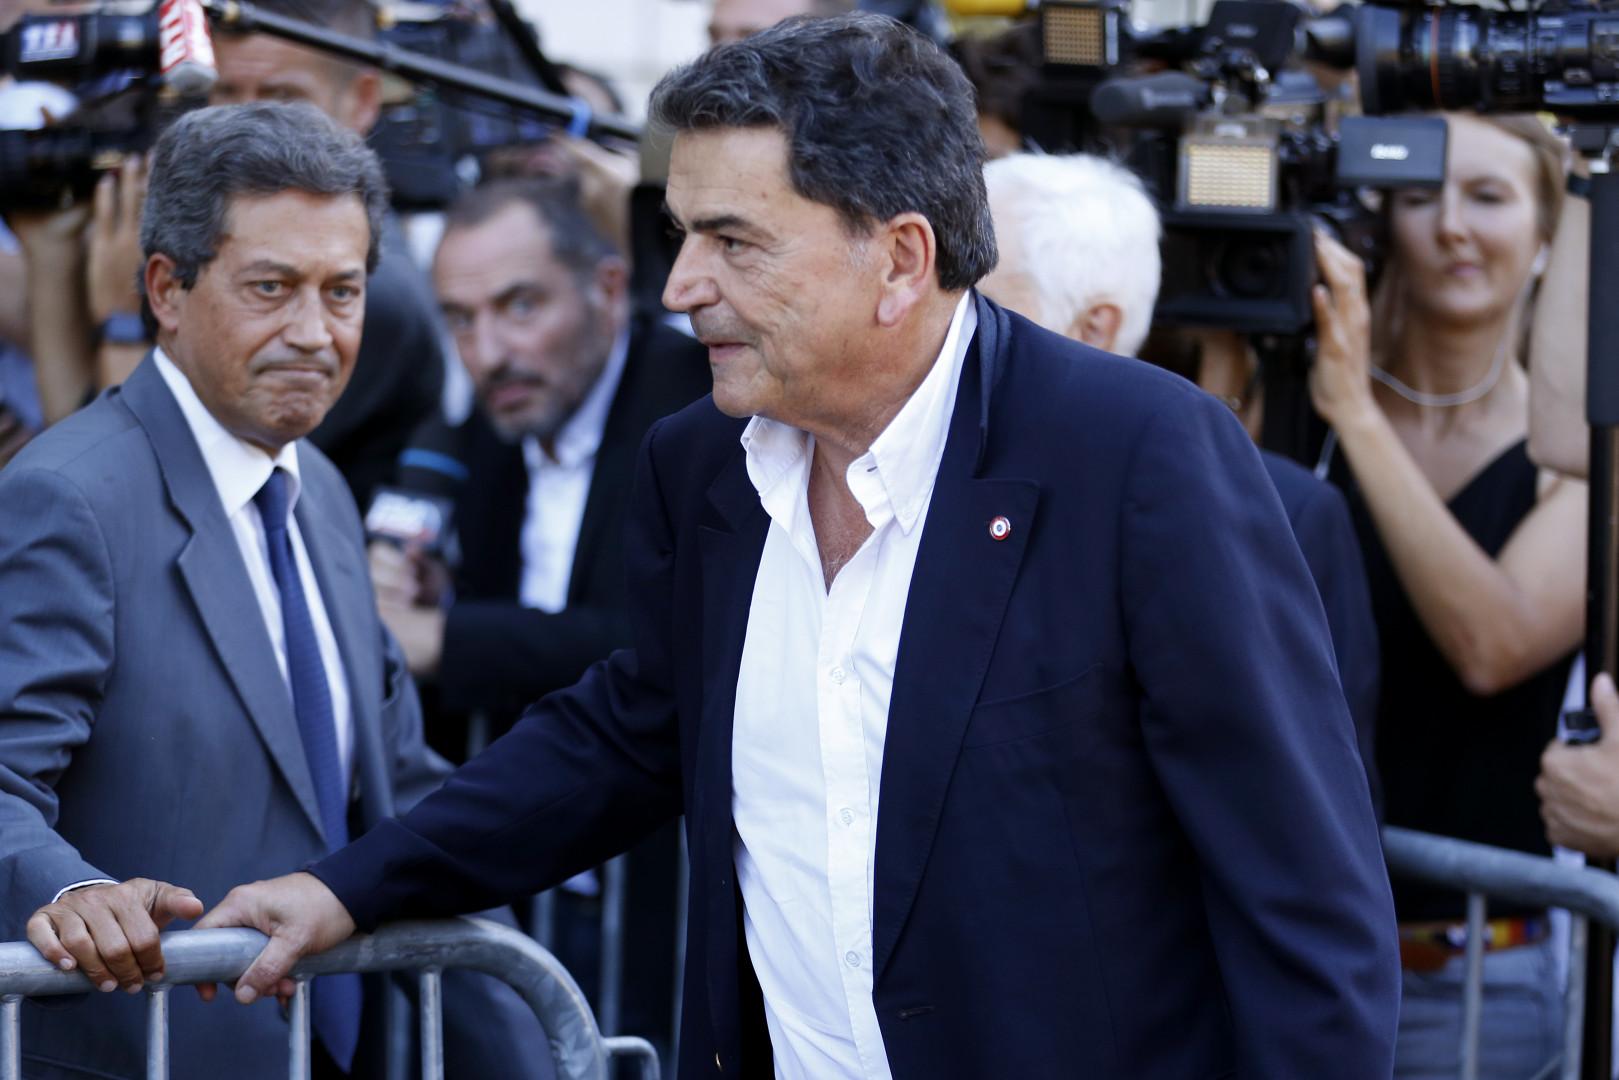 Pierre Lellouche lors d'une réunion au siège Les Républicains à Paris, le 23 août 2016